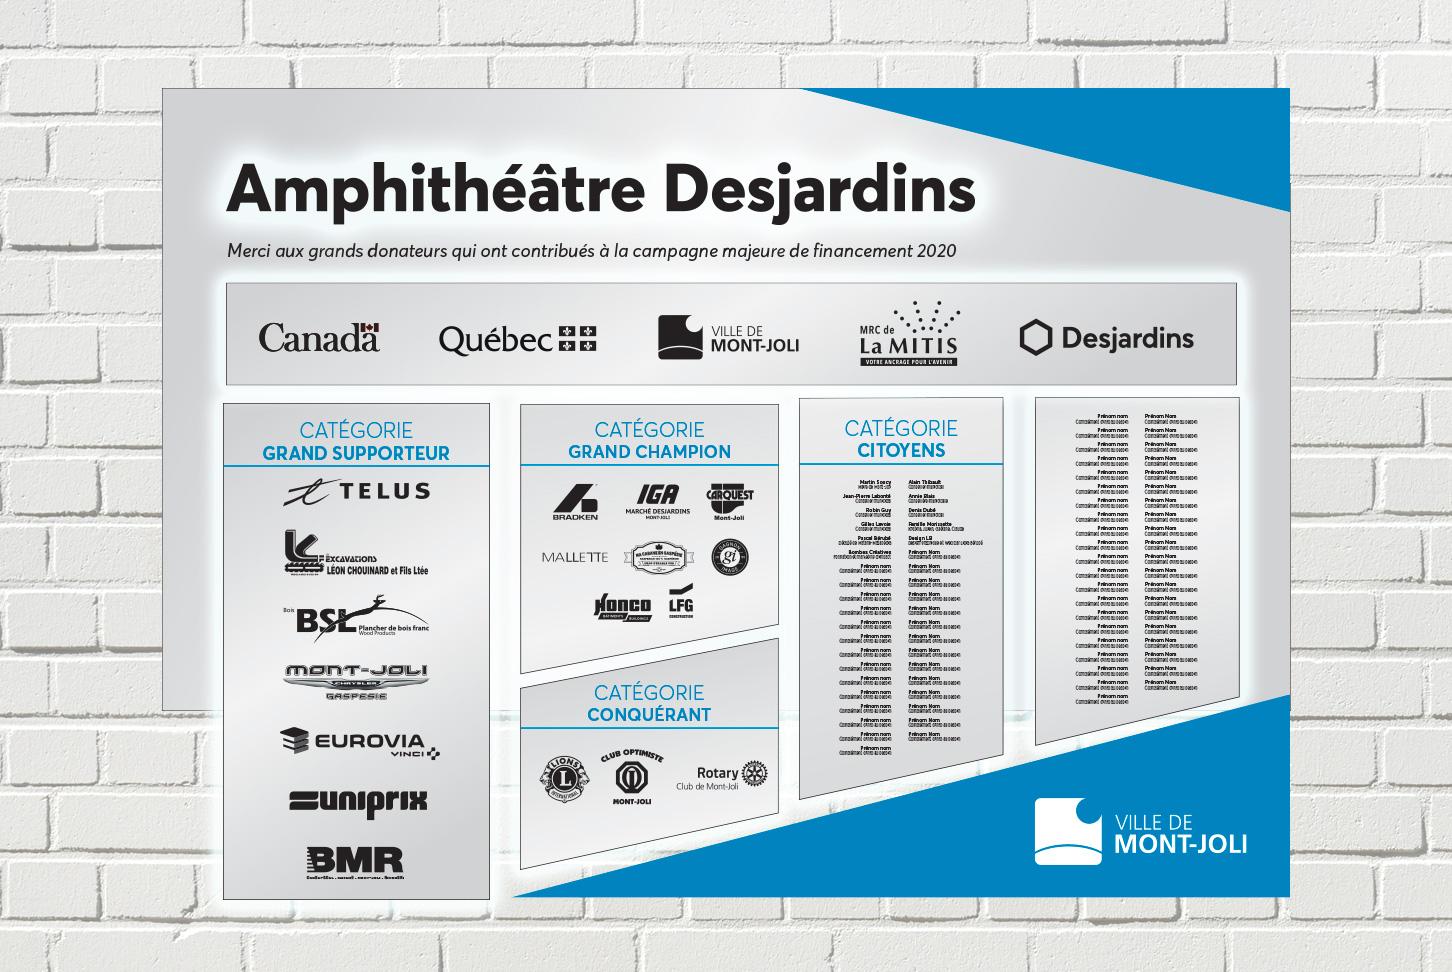 Design LB - Amphithéâtre Desjardins - Tableau d'honneur épreuve